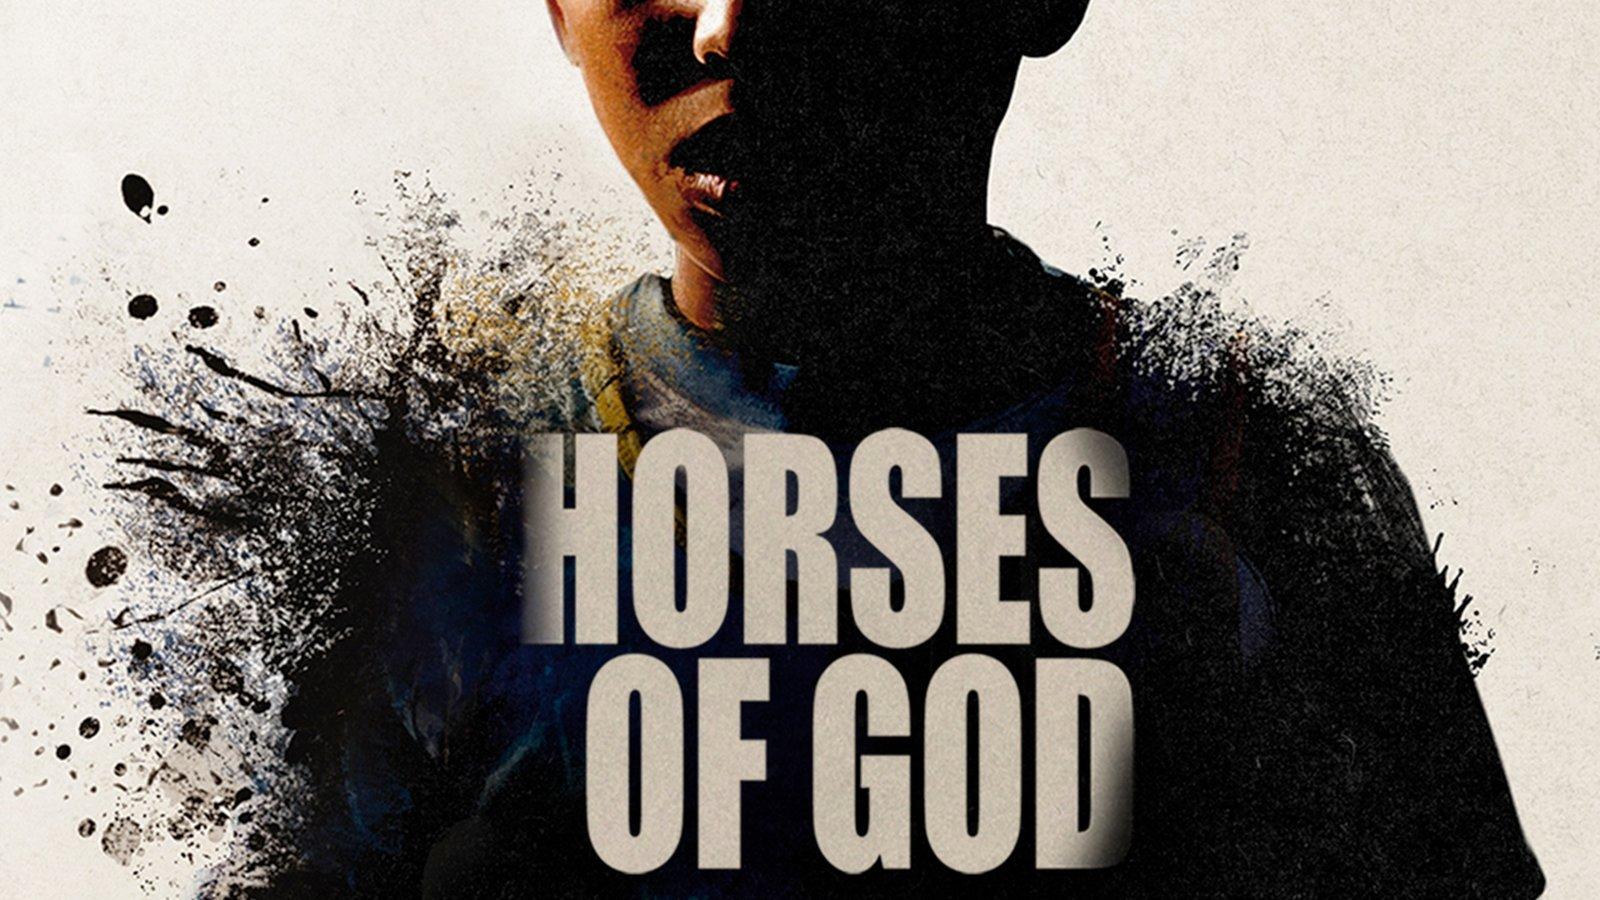 Horses Of God - Les chevaux de Dieu